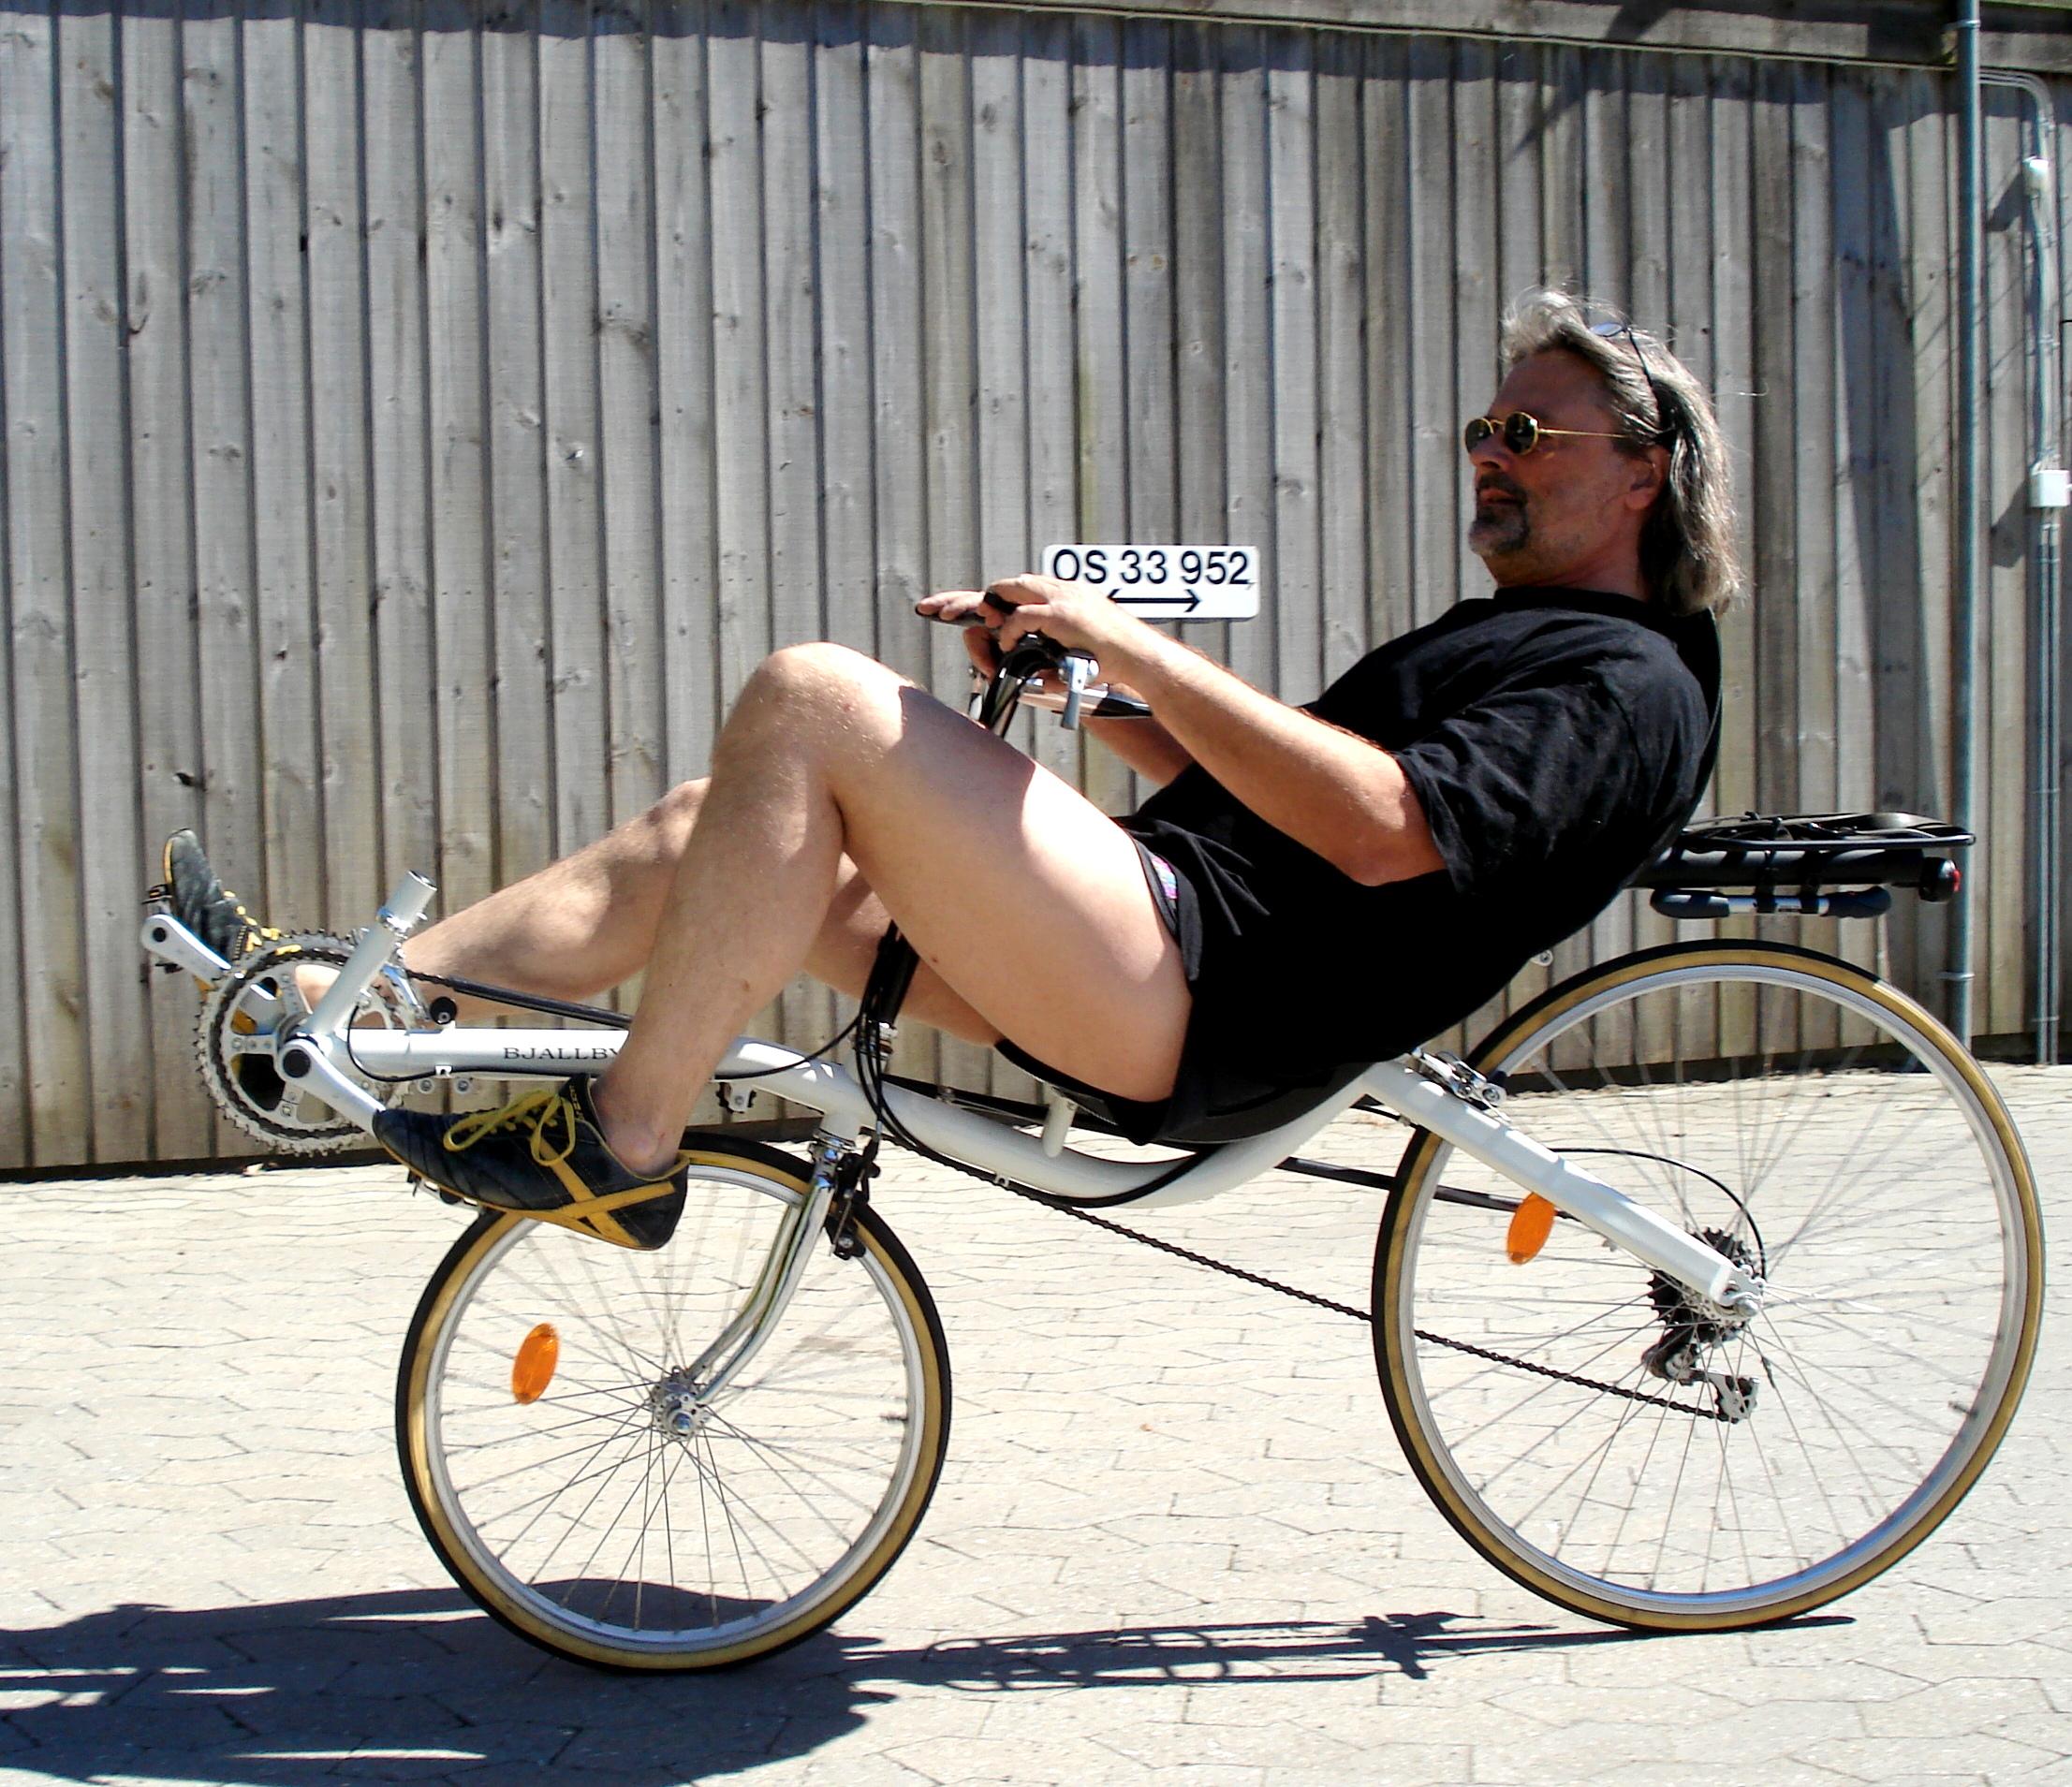 cykling i gården 002.jpg